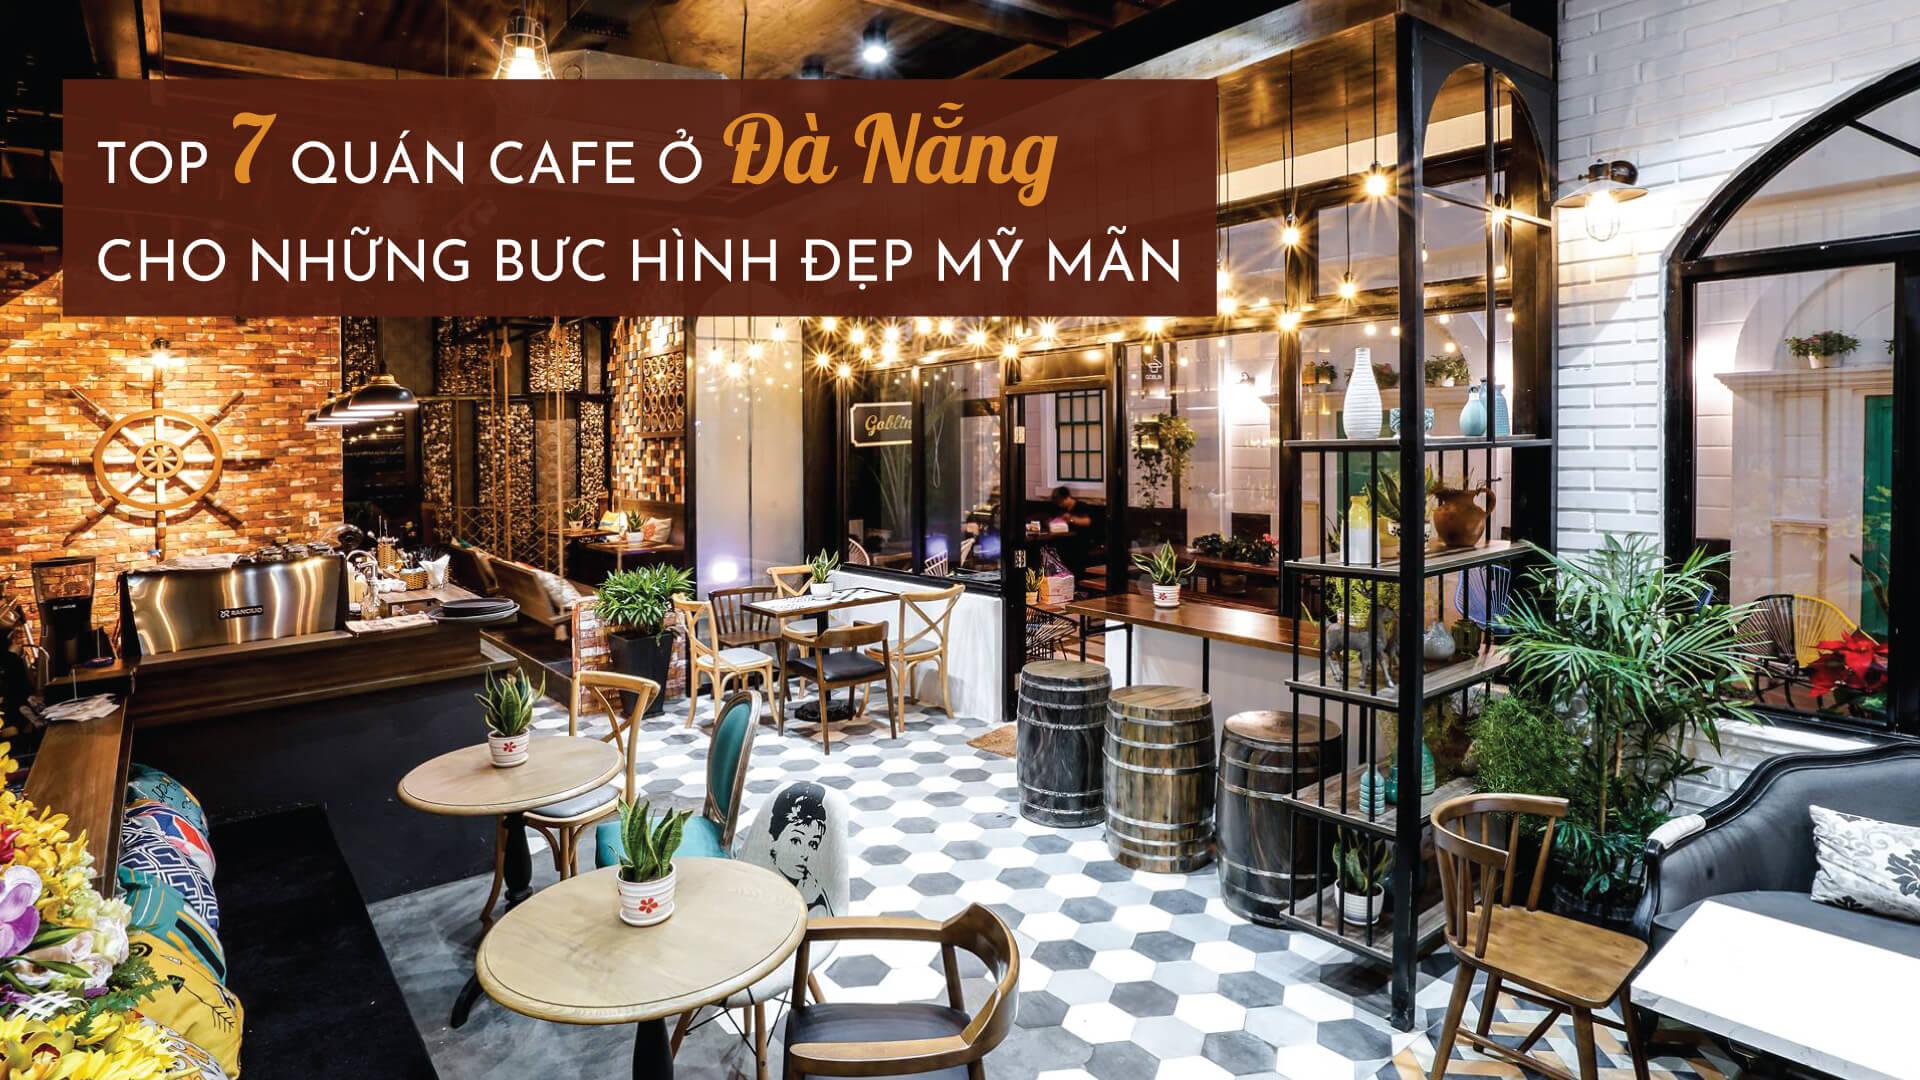 Top 7 quán cafe ở Đà Nẵng cho những bức hình đẹp mỹ mãn